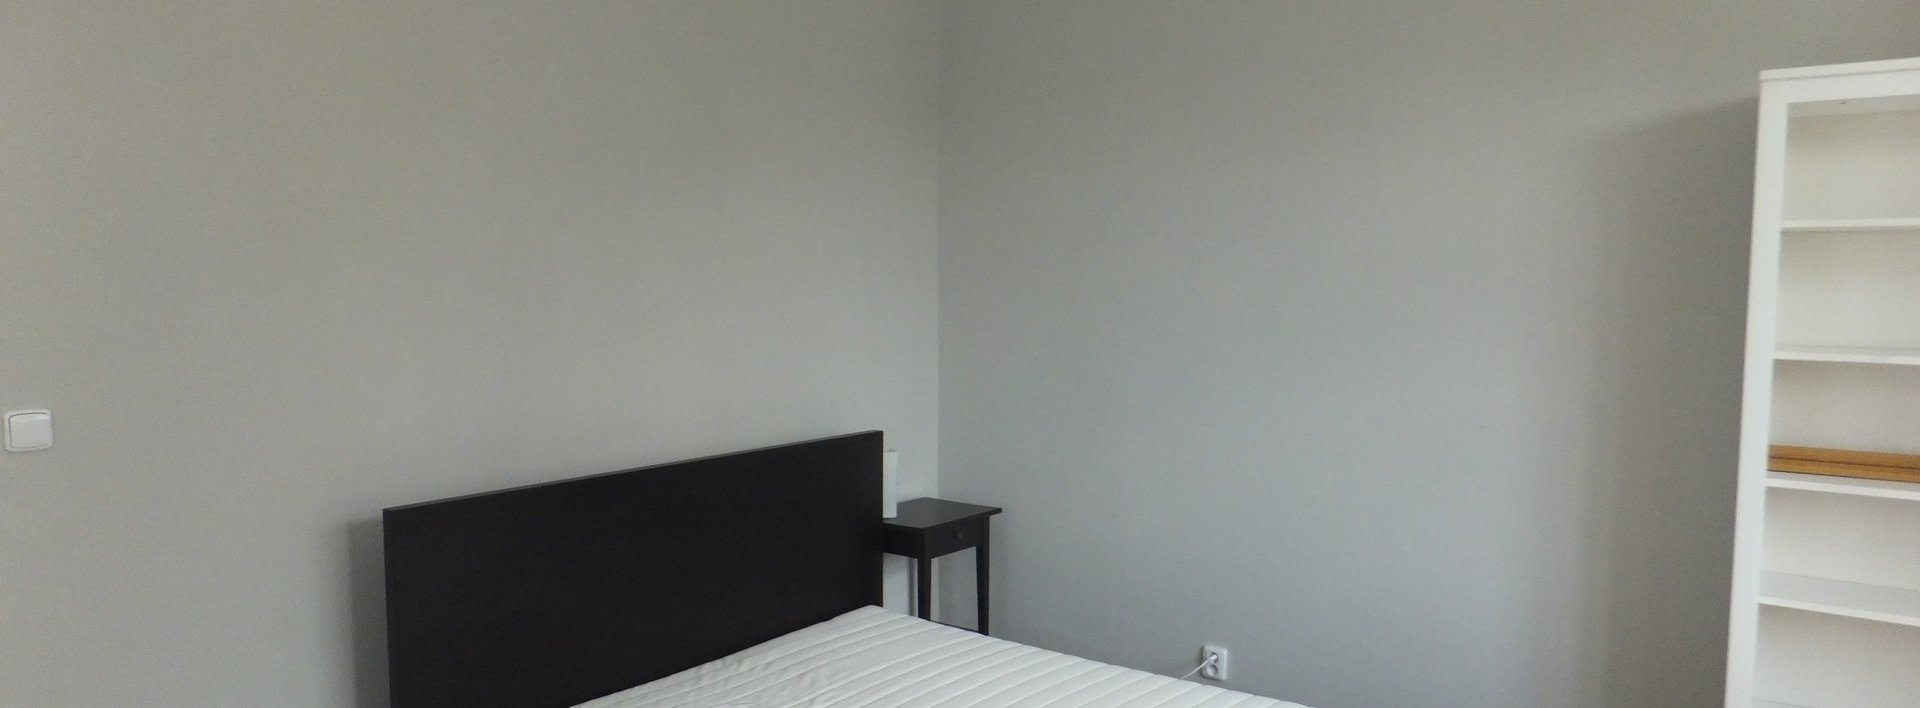 Pronájem bytu ve vile 2+1, 65 m² - Liberec, Staré Město, ul. Kozinova, Ev.č.: N48862